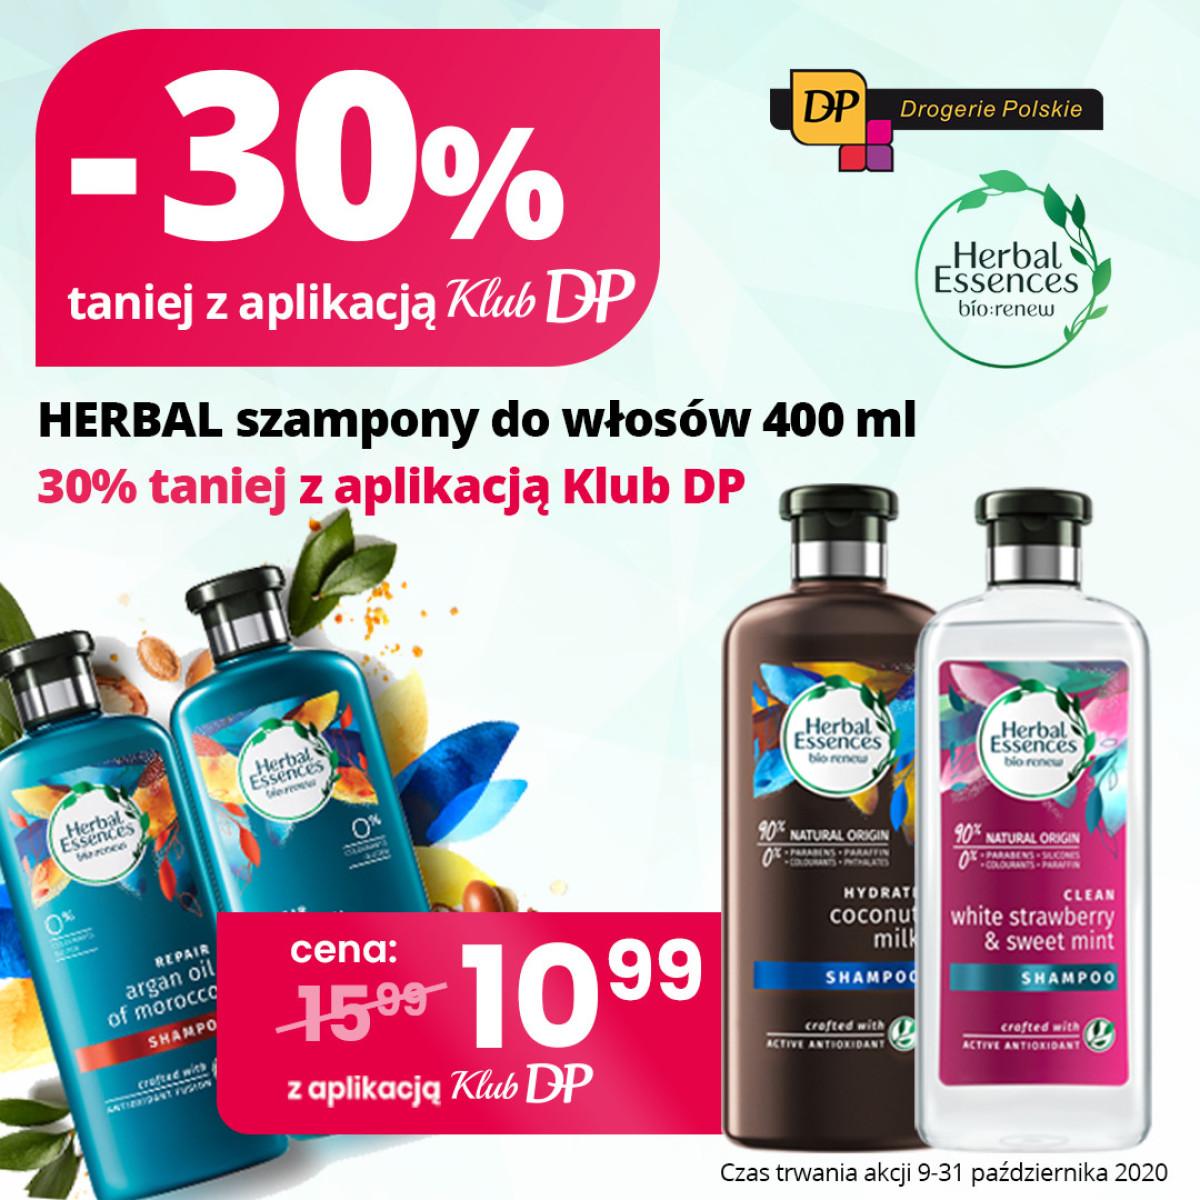 Gazetka Drogerie Polskie - -30% taniej z aplikacją klub DP - Herbal